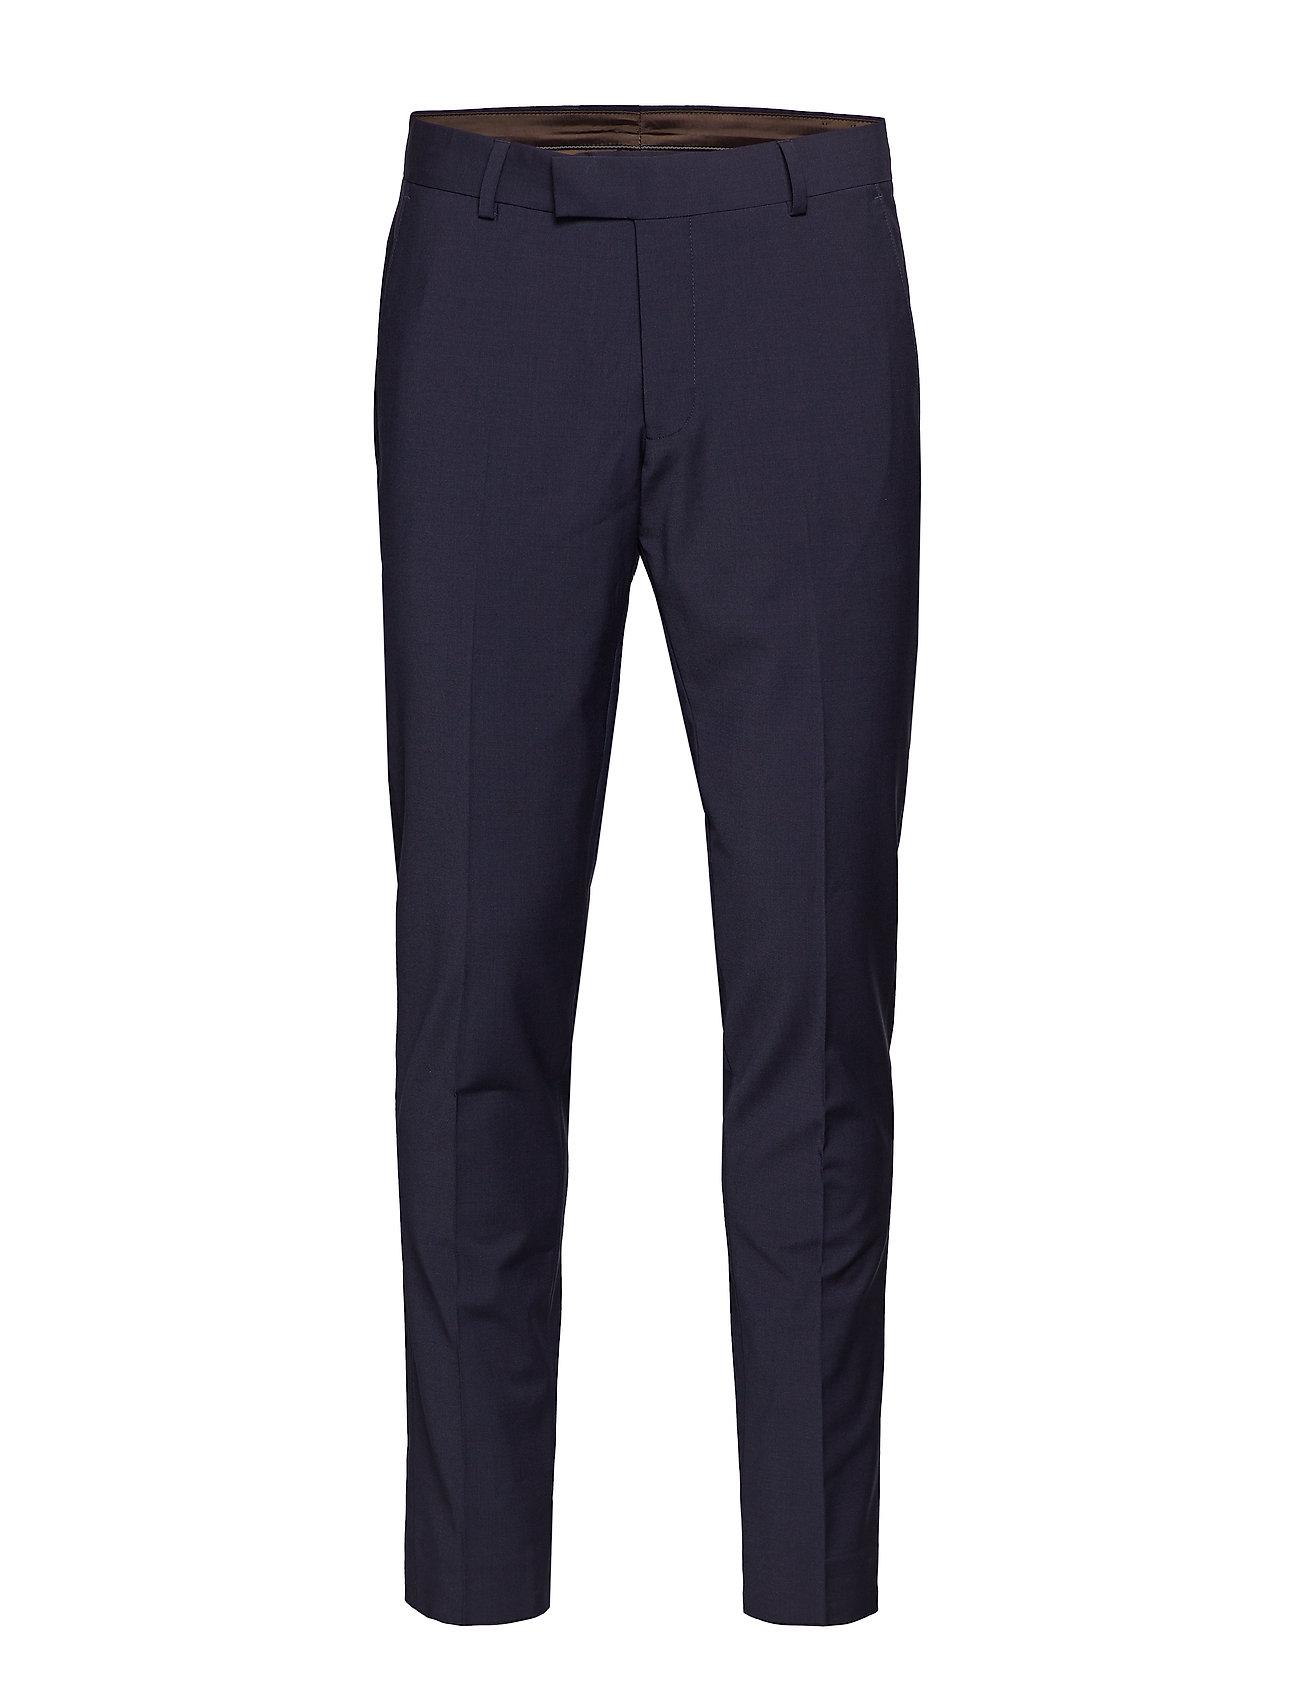 Esprit Collection Pants suit - NAVY